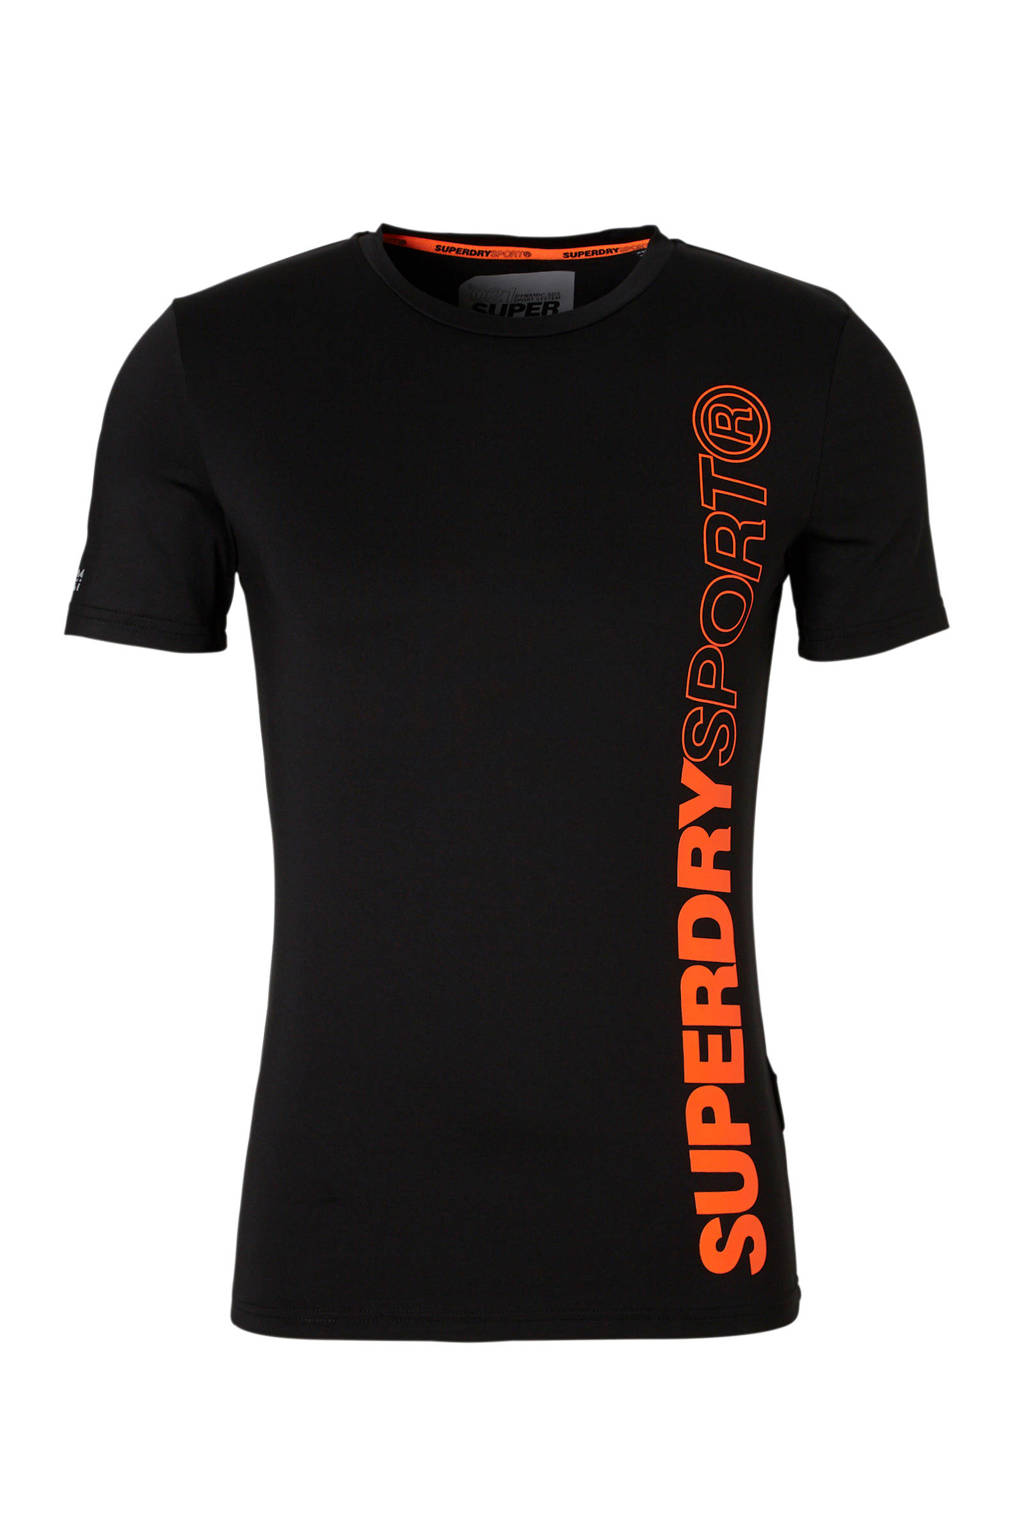 officieel aanbod popul sport T-shirt zwart